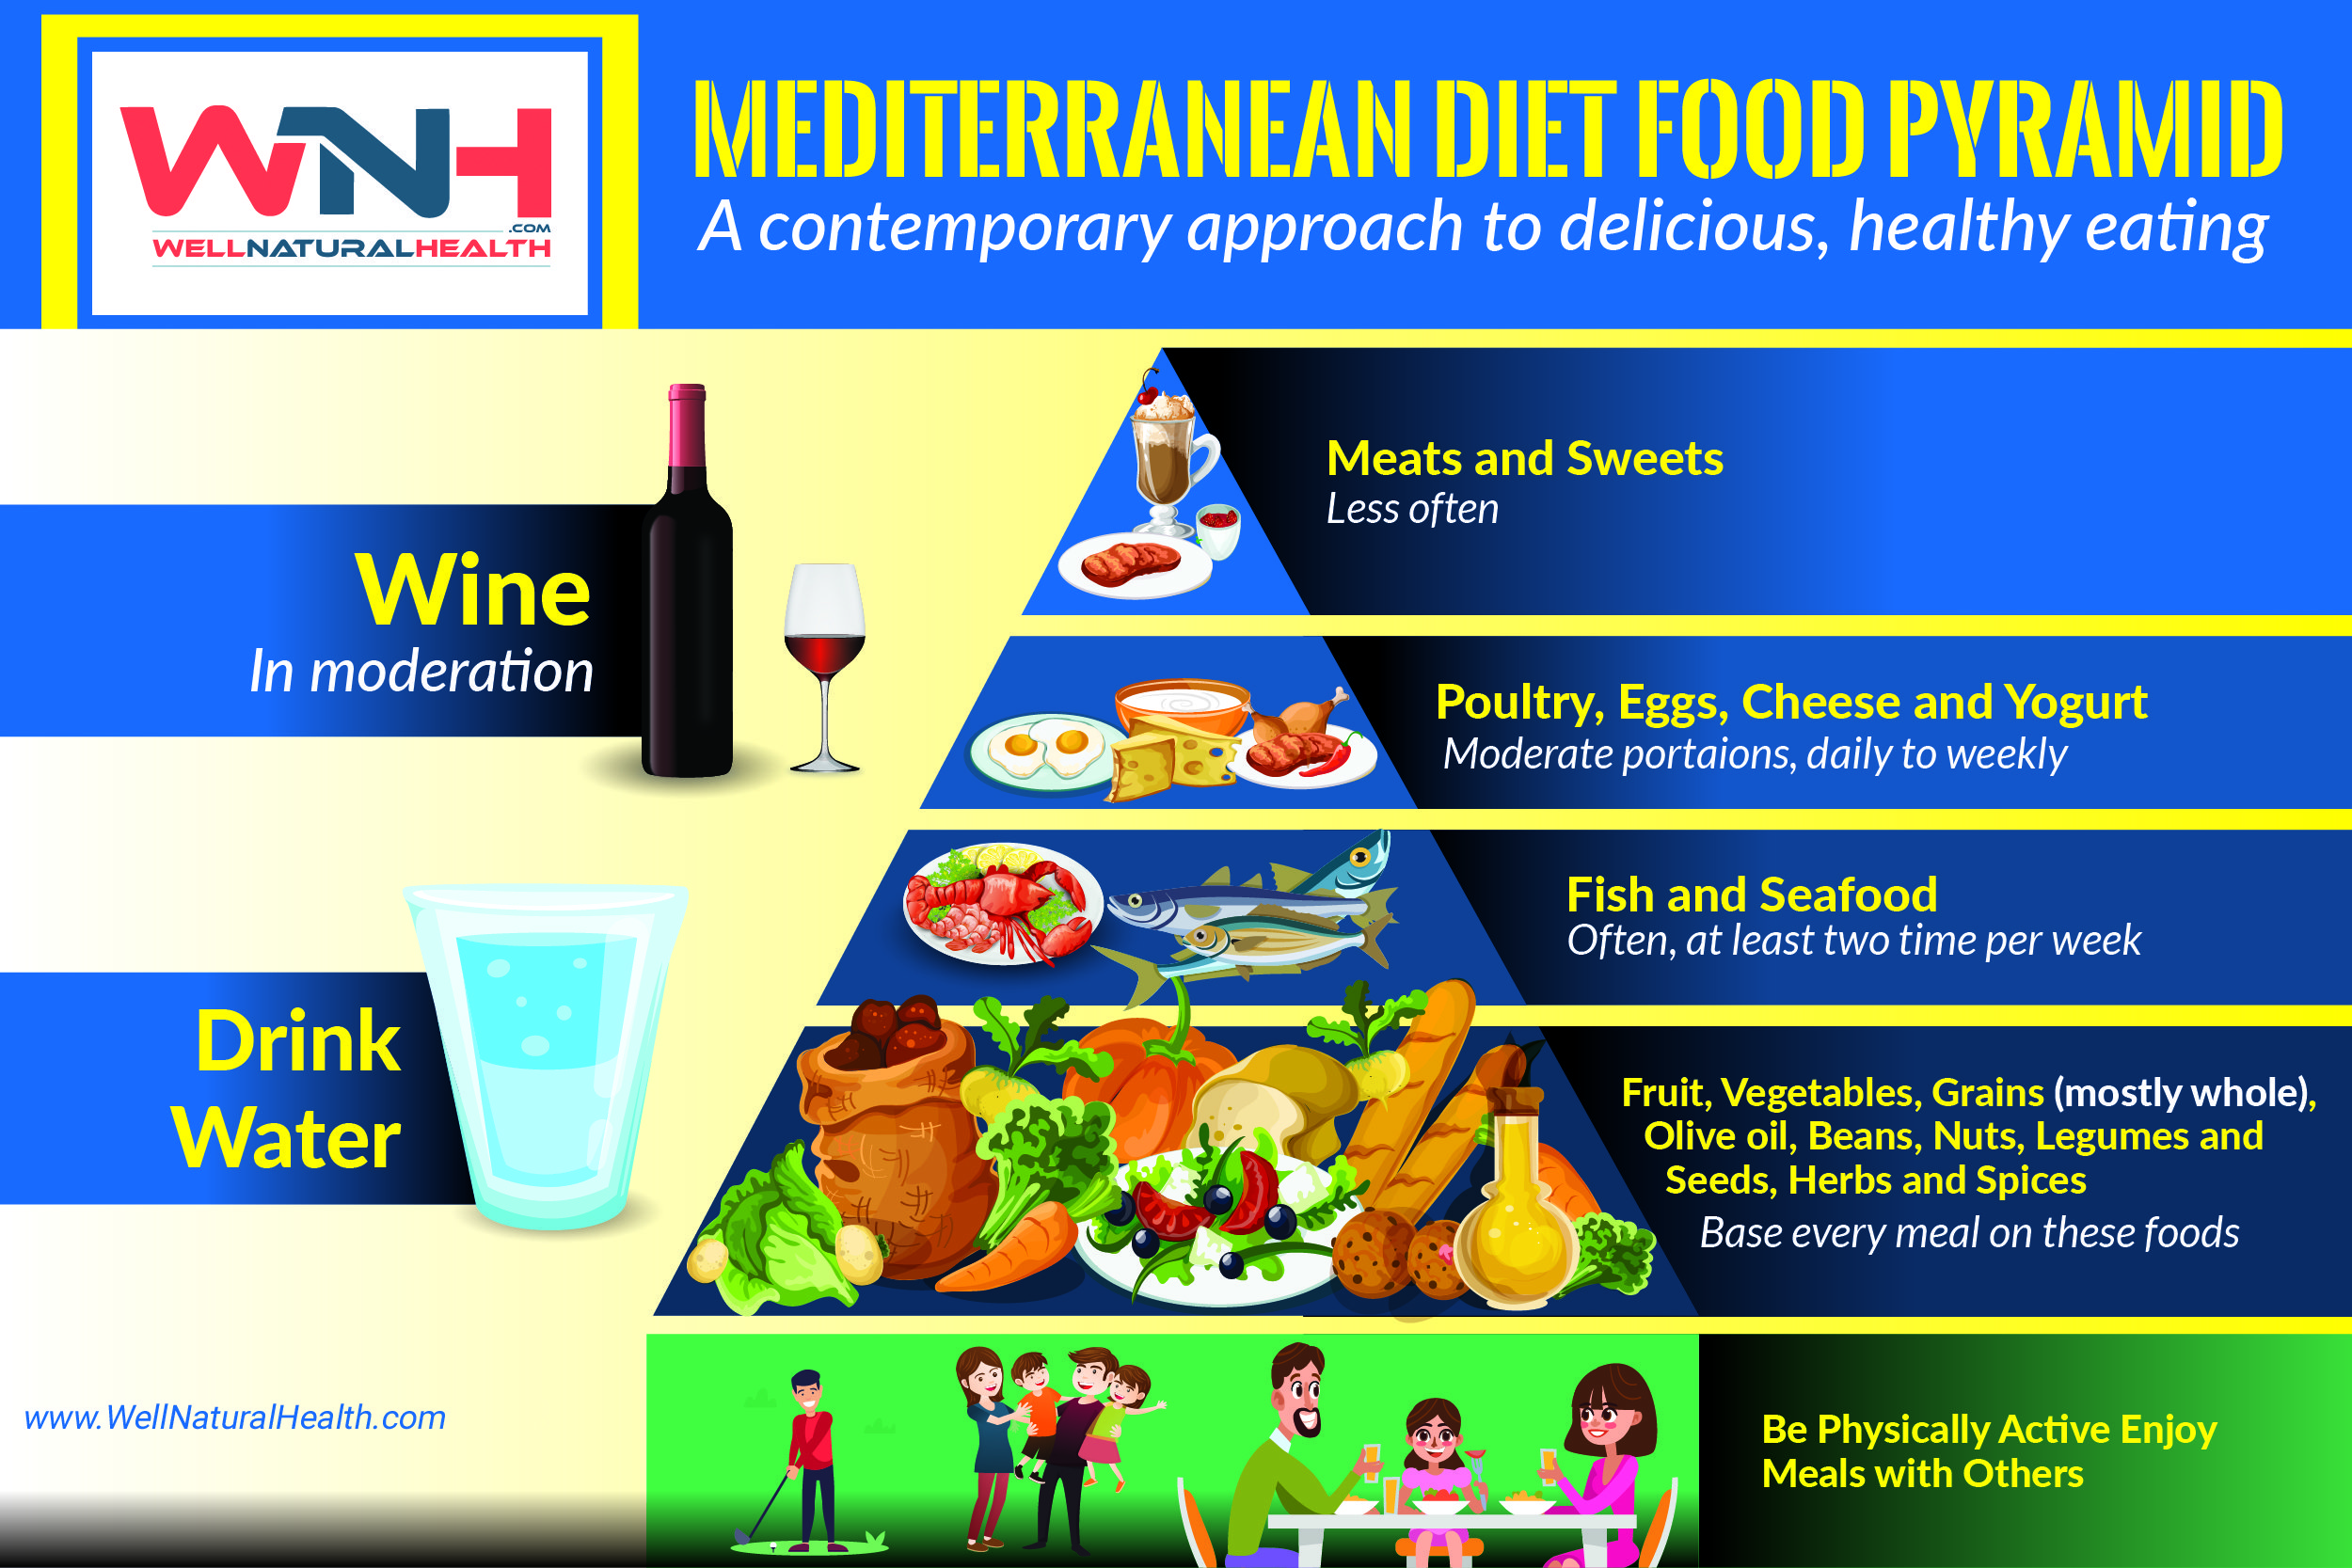 Mediterranean Diet Food Pyramid